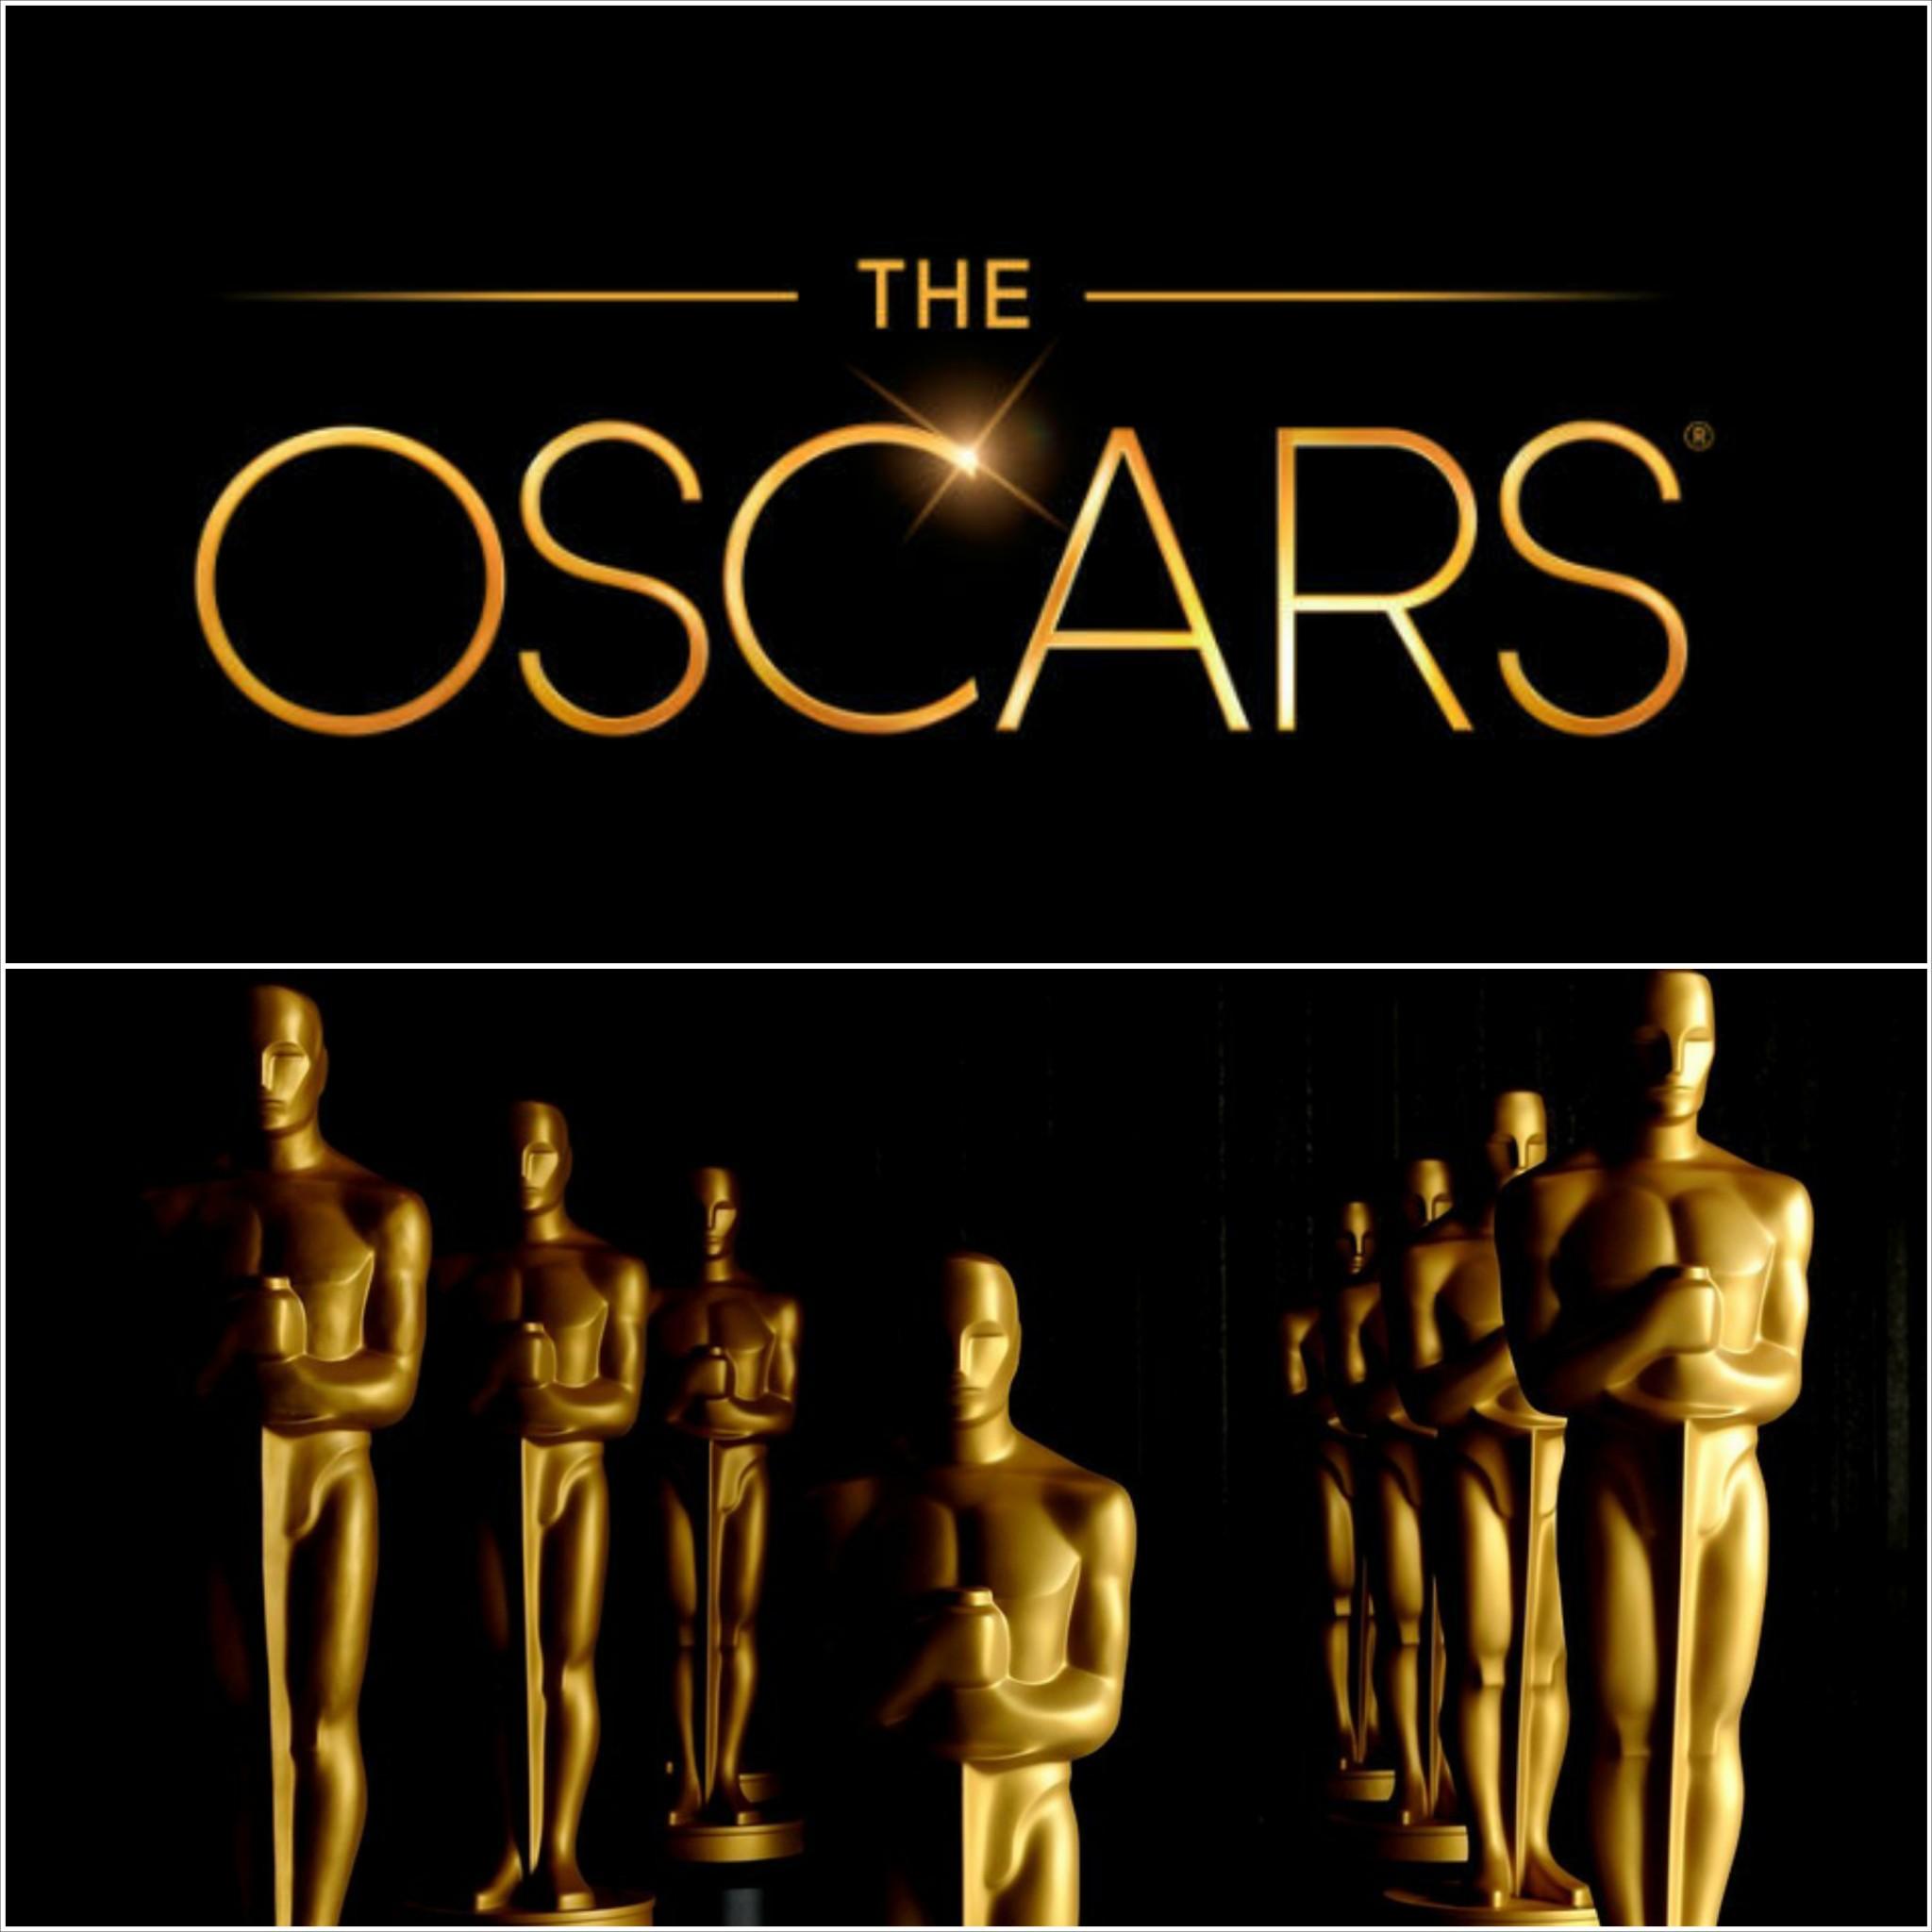 Oscars-logo